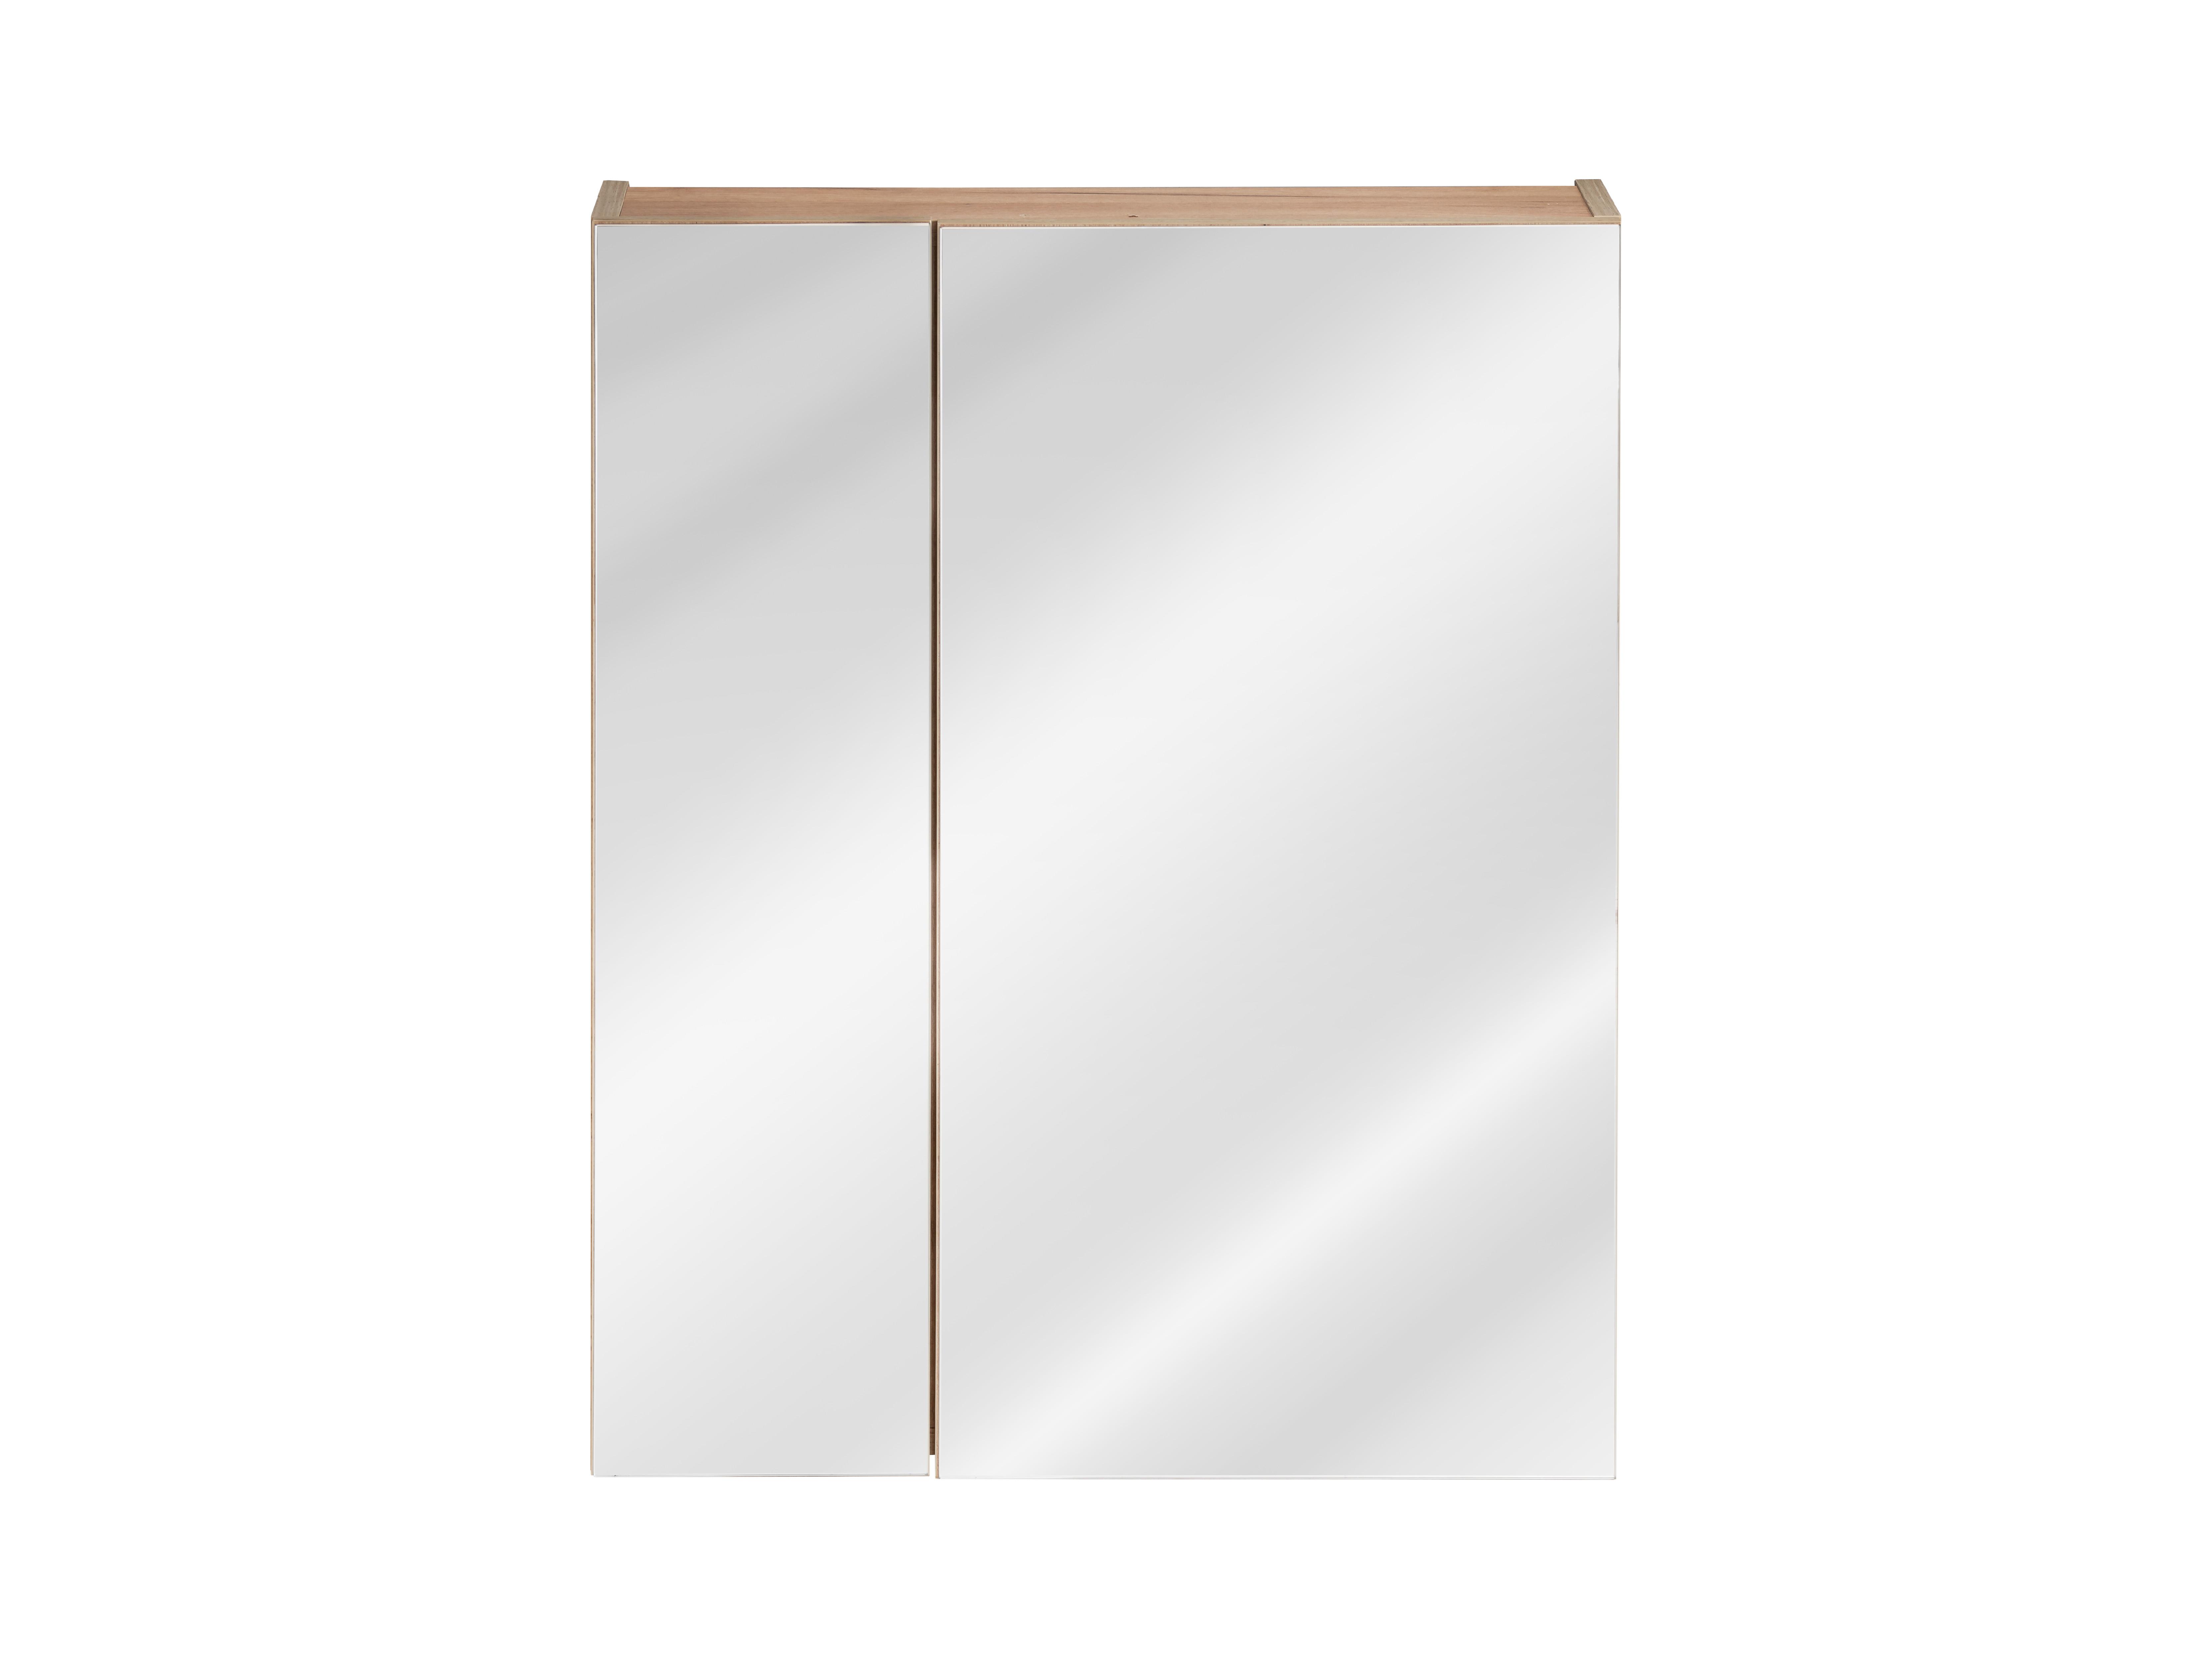 ArtCom Kúpeľňová zostava Capri | čierny mat Capri | čierny mat: Horná zrkadlová skrinka 842 - 60 cm